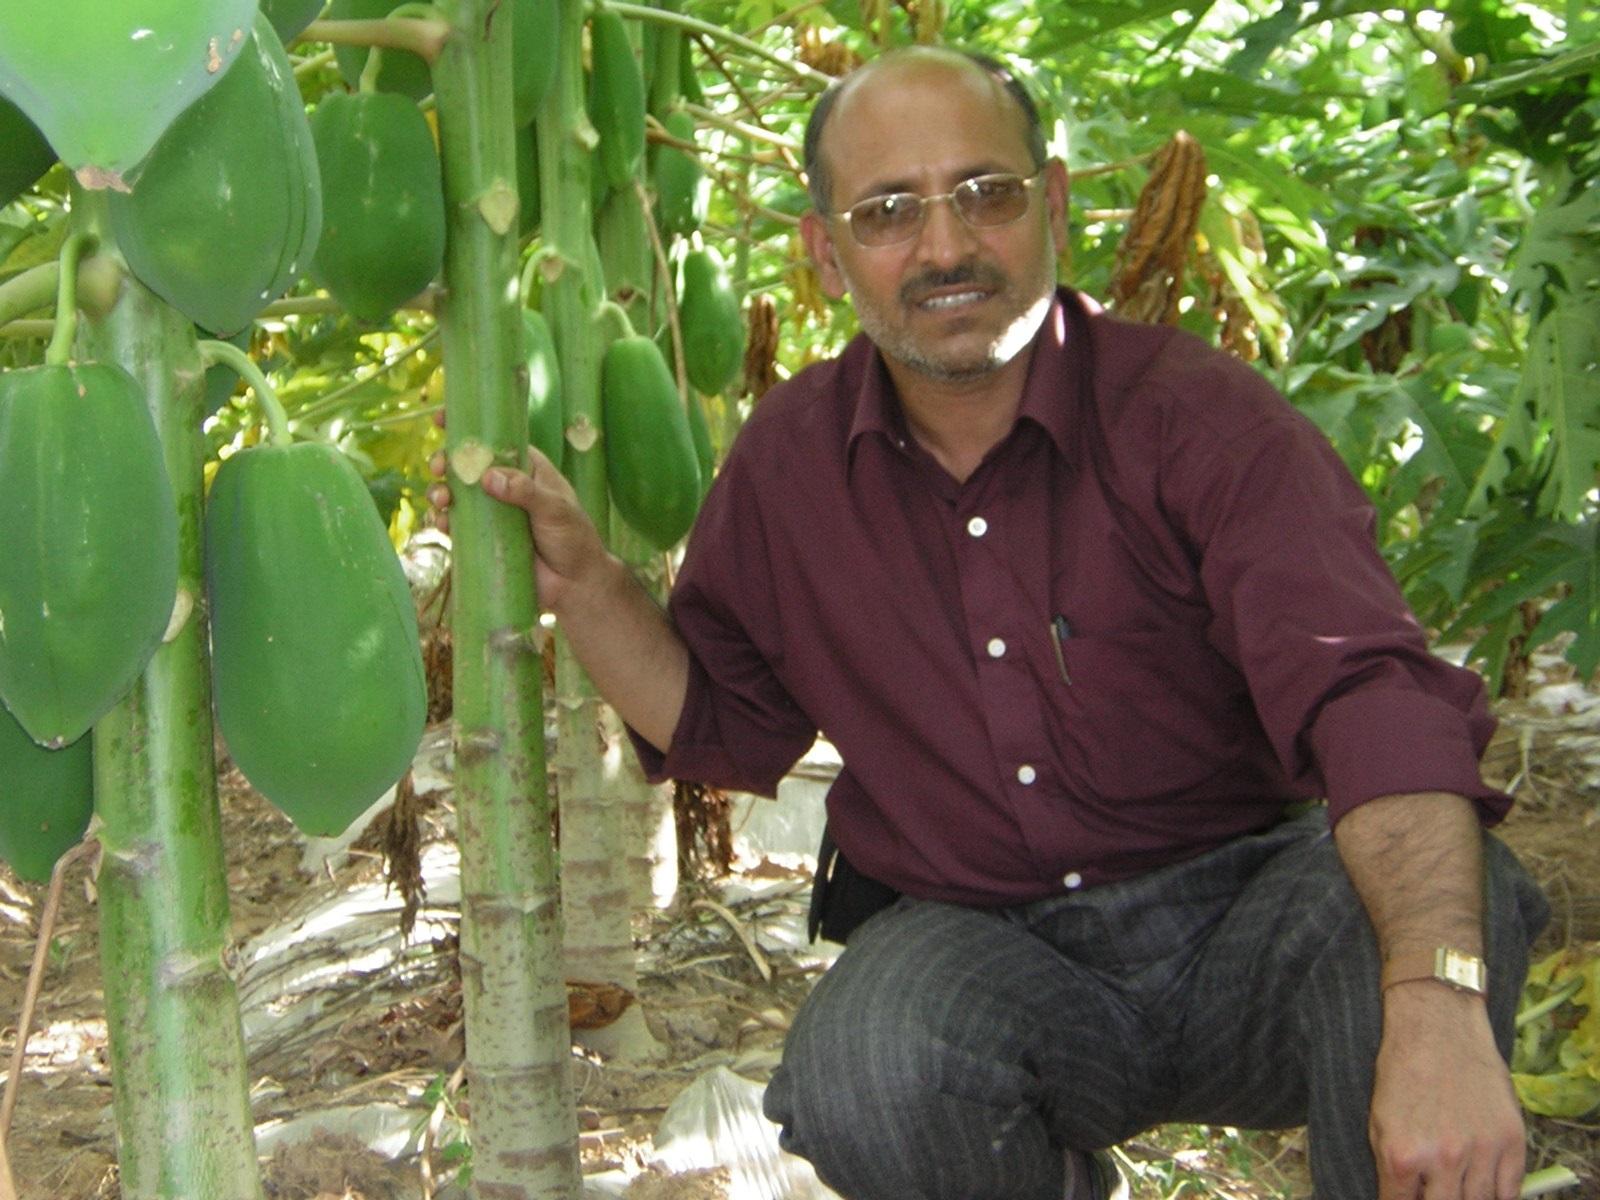 میوه ی گرمسیری پاپایا(خربزه درختی) گنجی پنهان